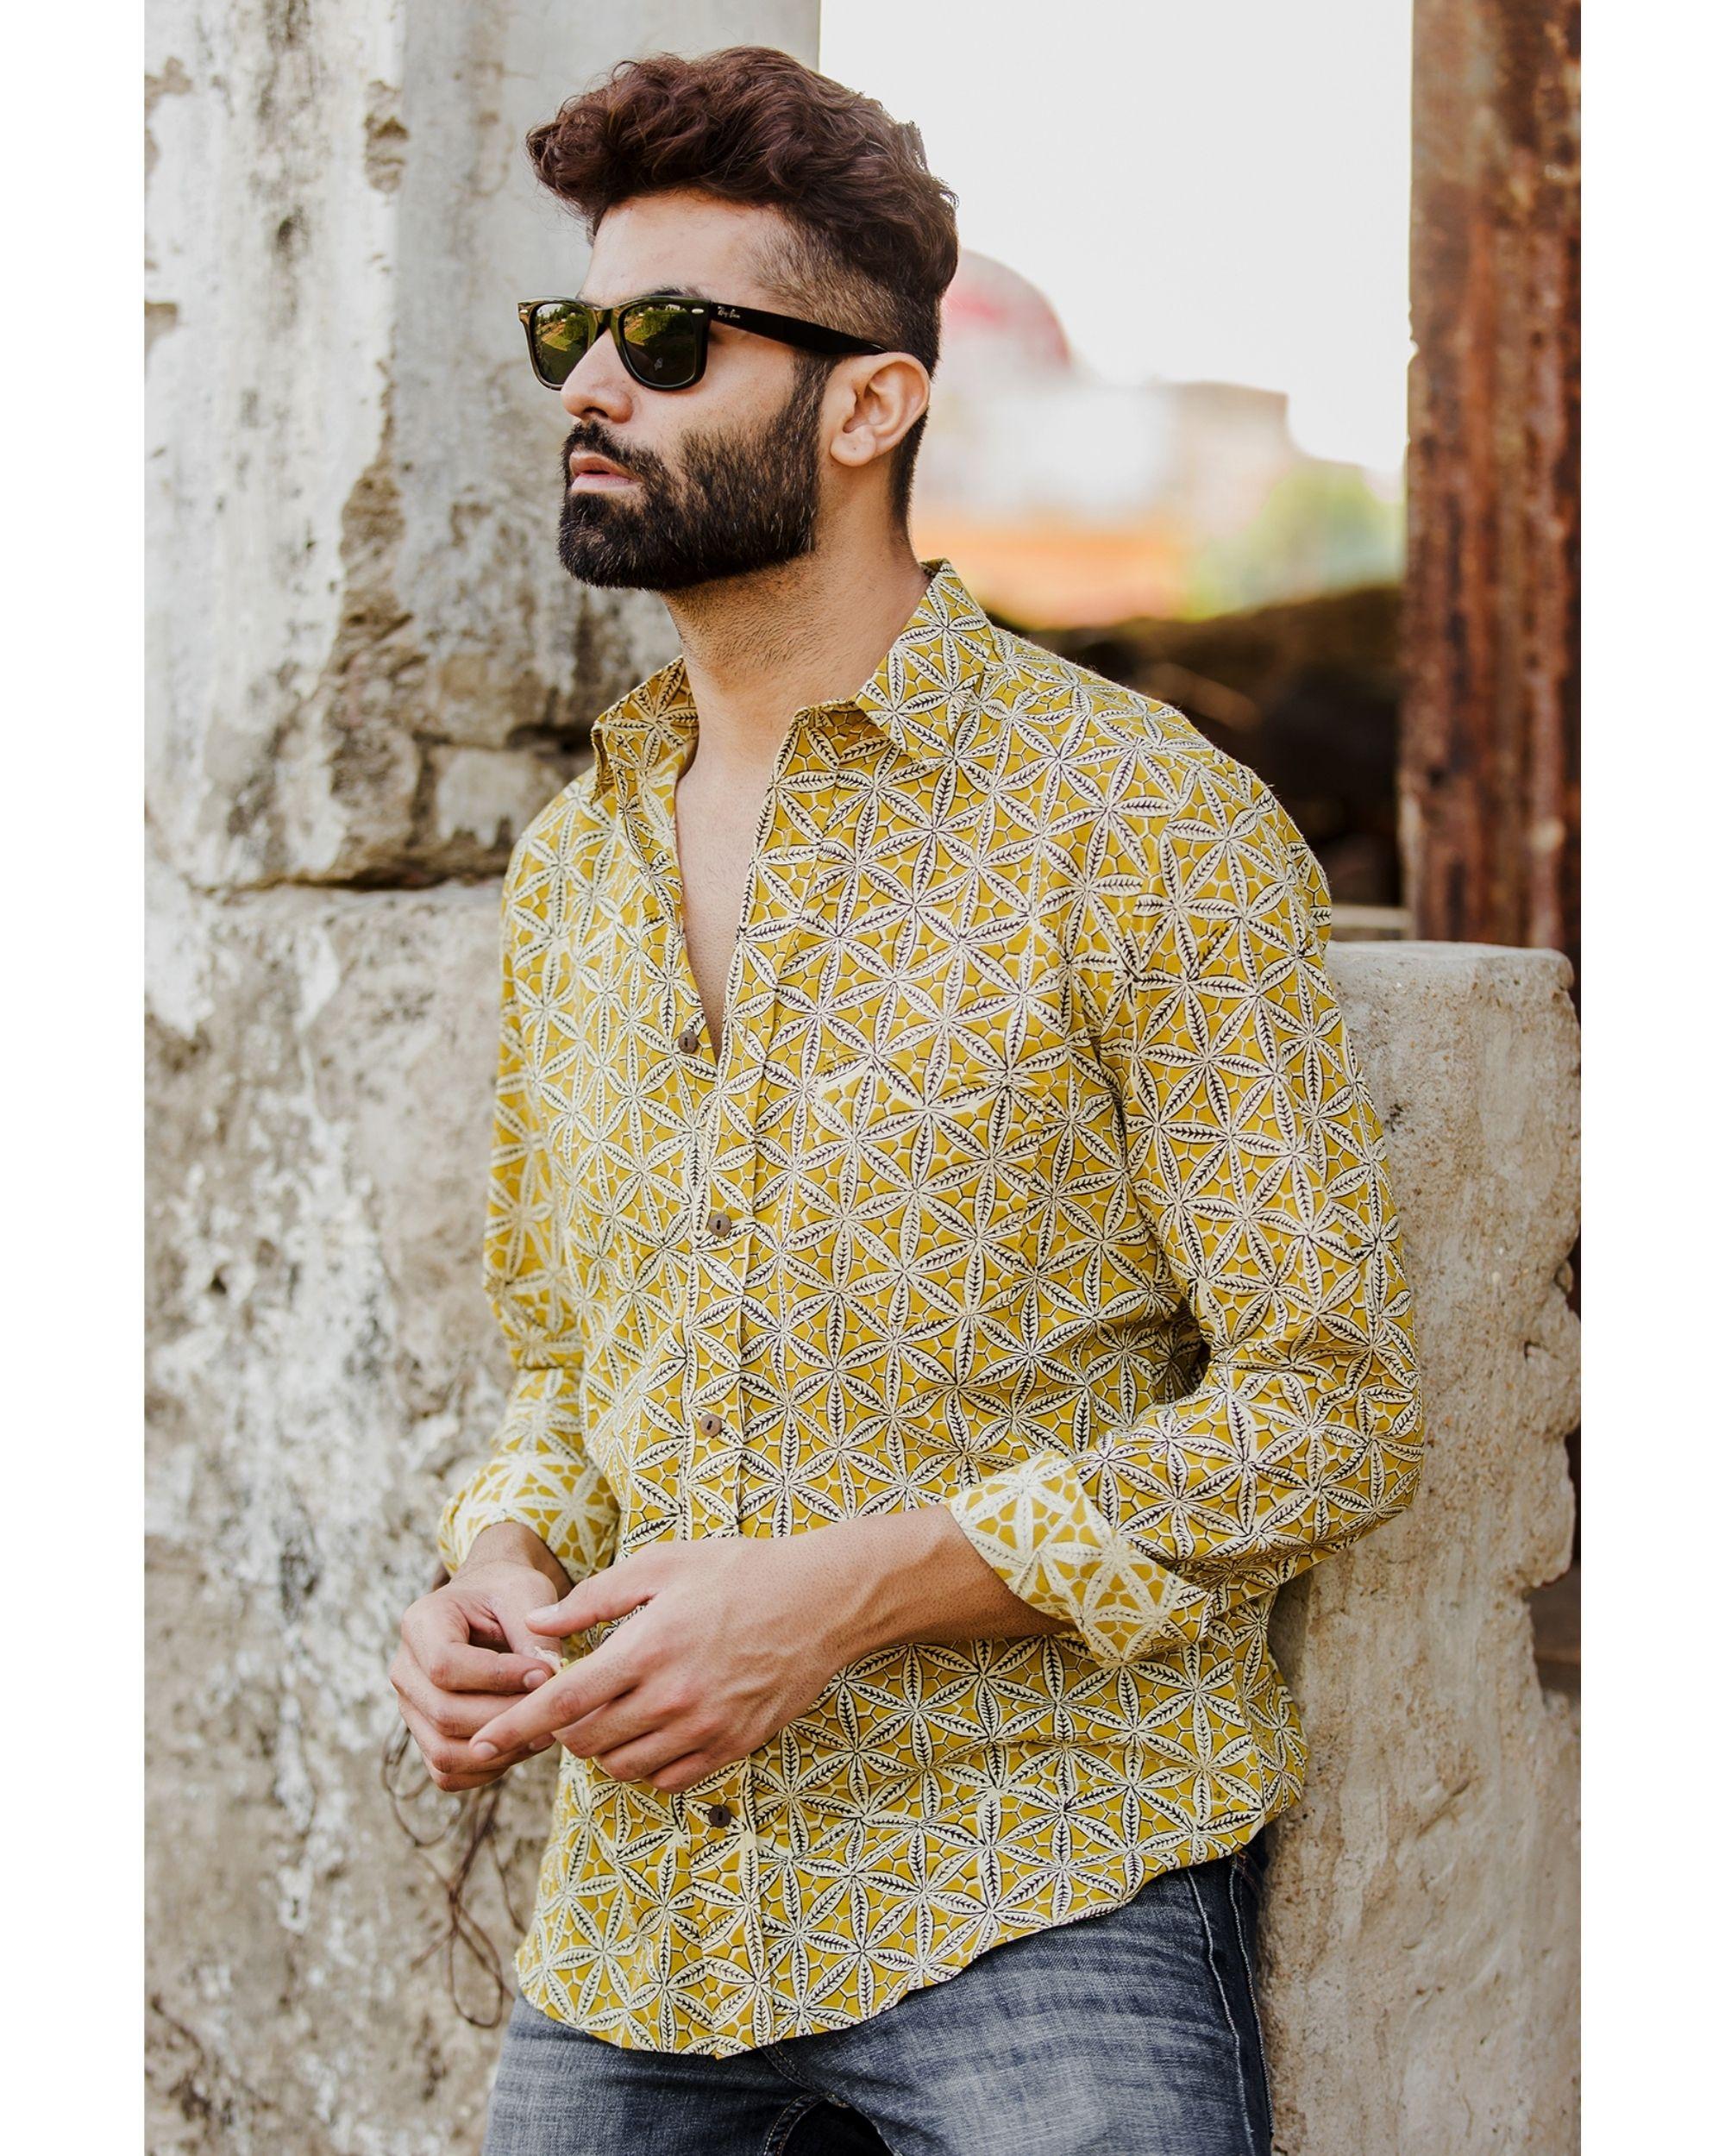 Mustard yellow honeycomb printed shirt